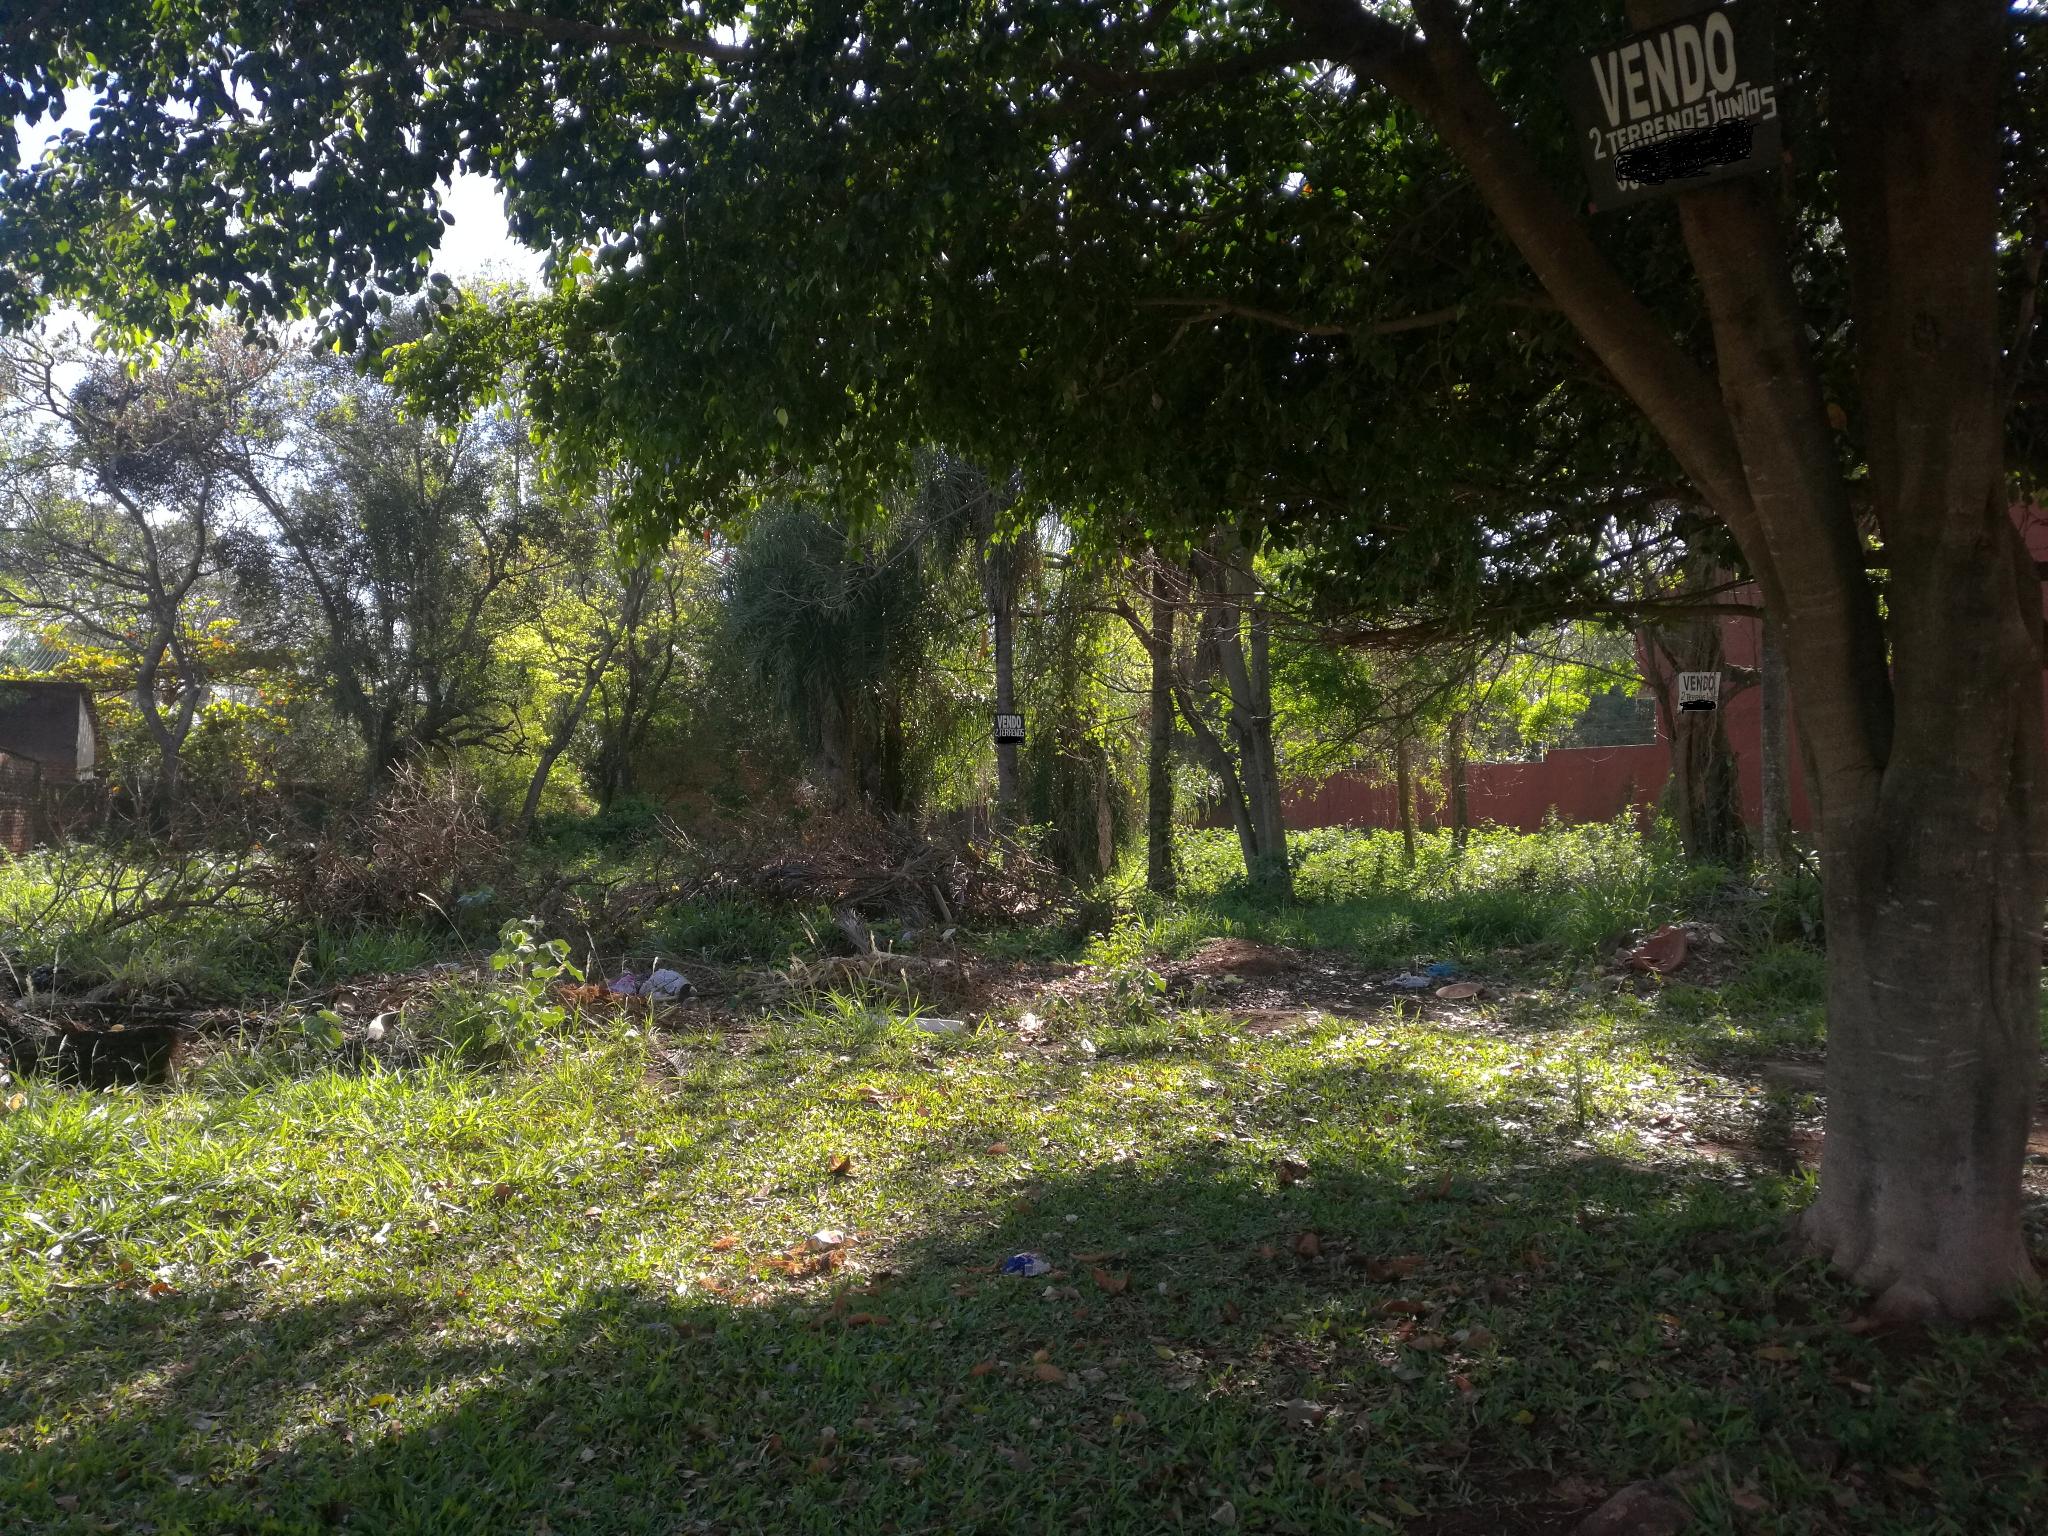 Vendo 2 Terrenos Sup. 952 M2 En Barrio Residencial De Luque